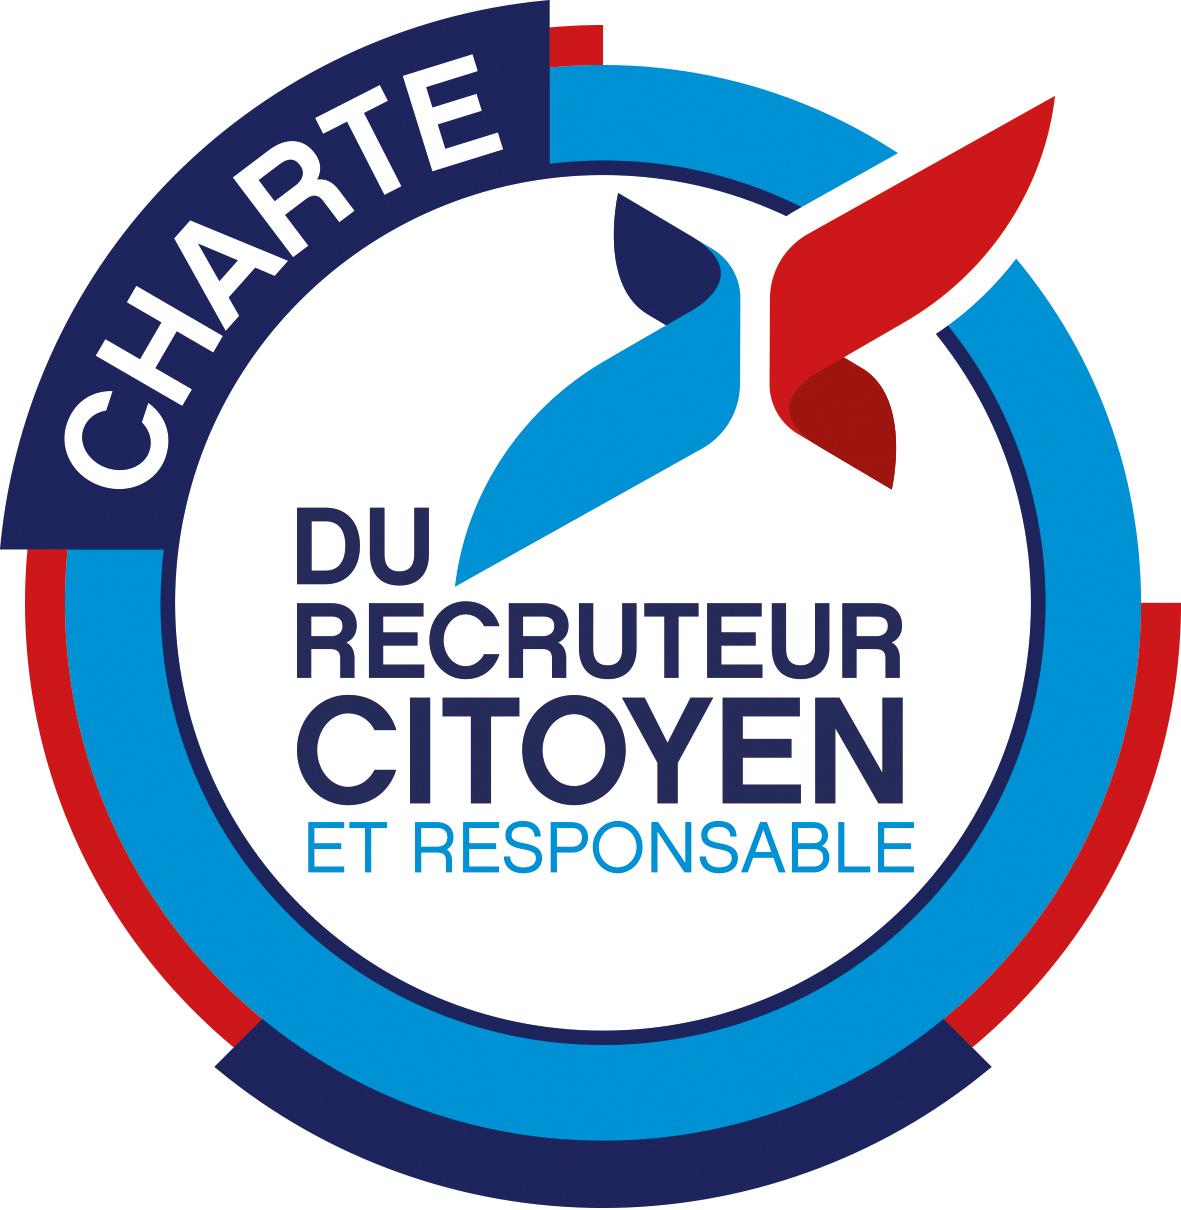 Charte du recruteur citoyen et responsable